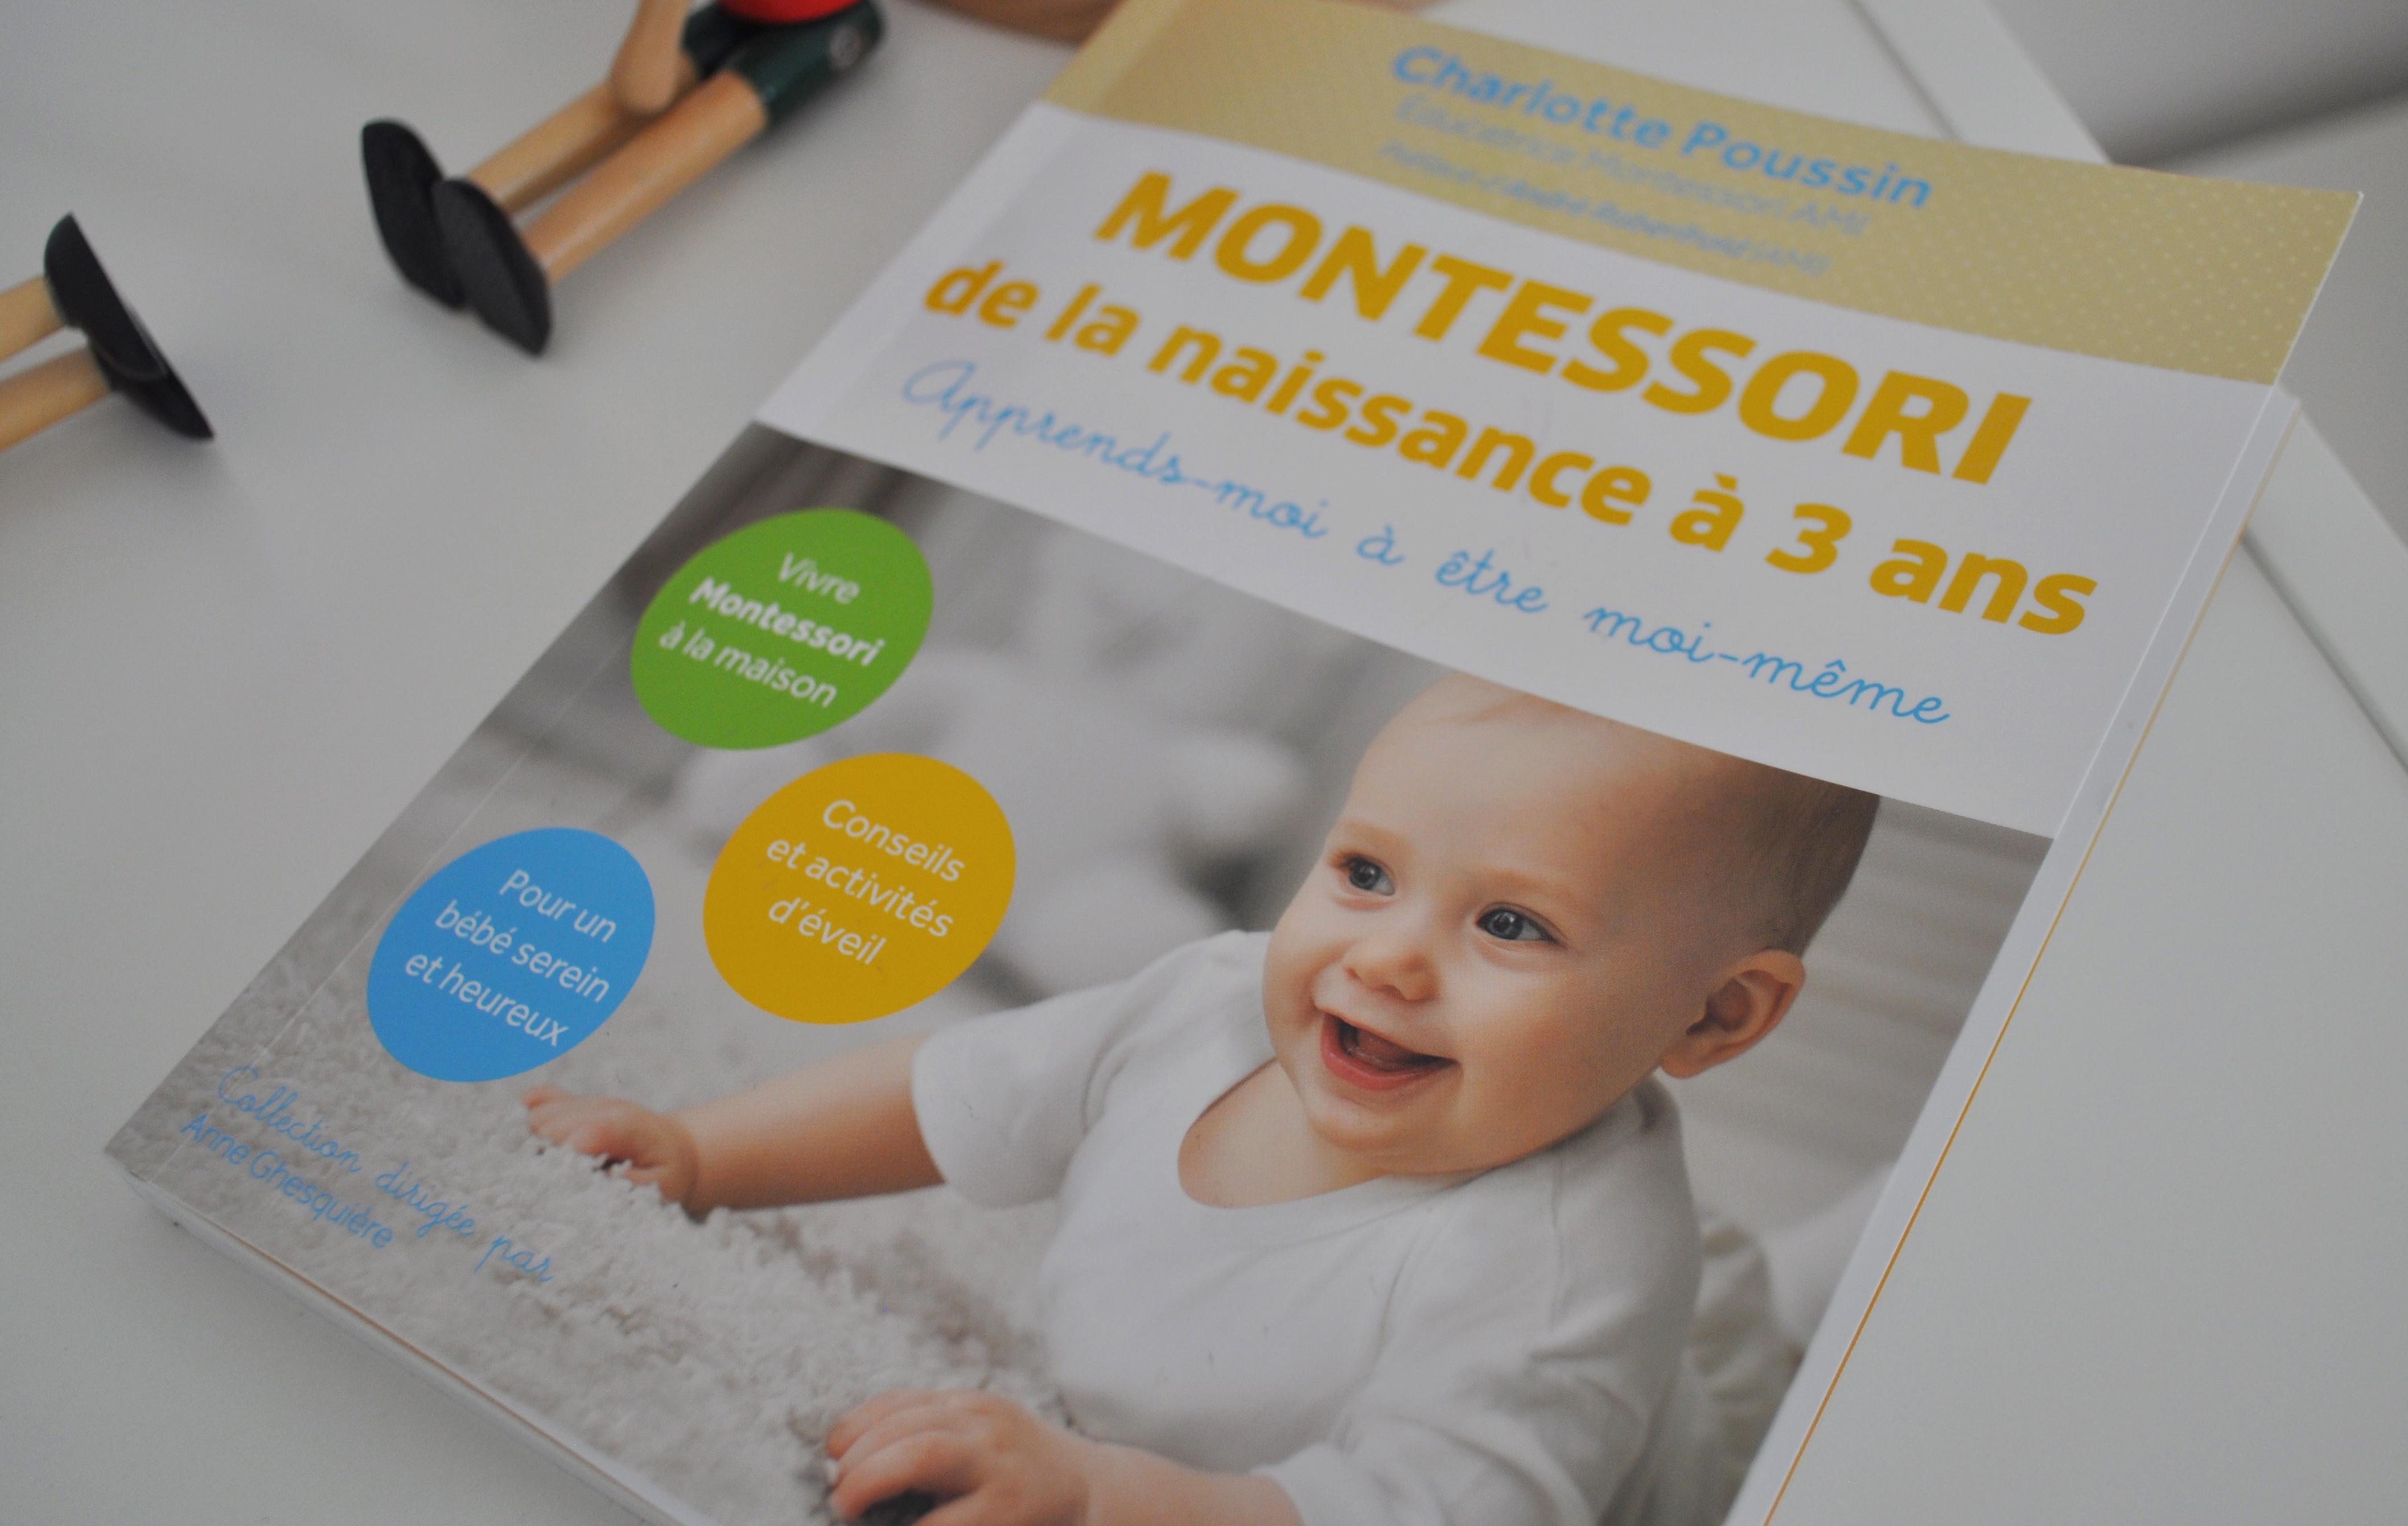 5 Raisons Pour Lire Le Livre Montessori De La Naissance A 3